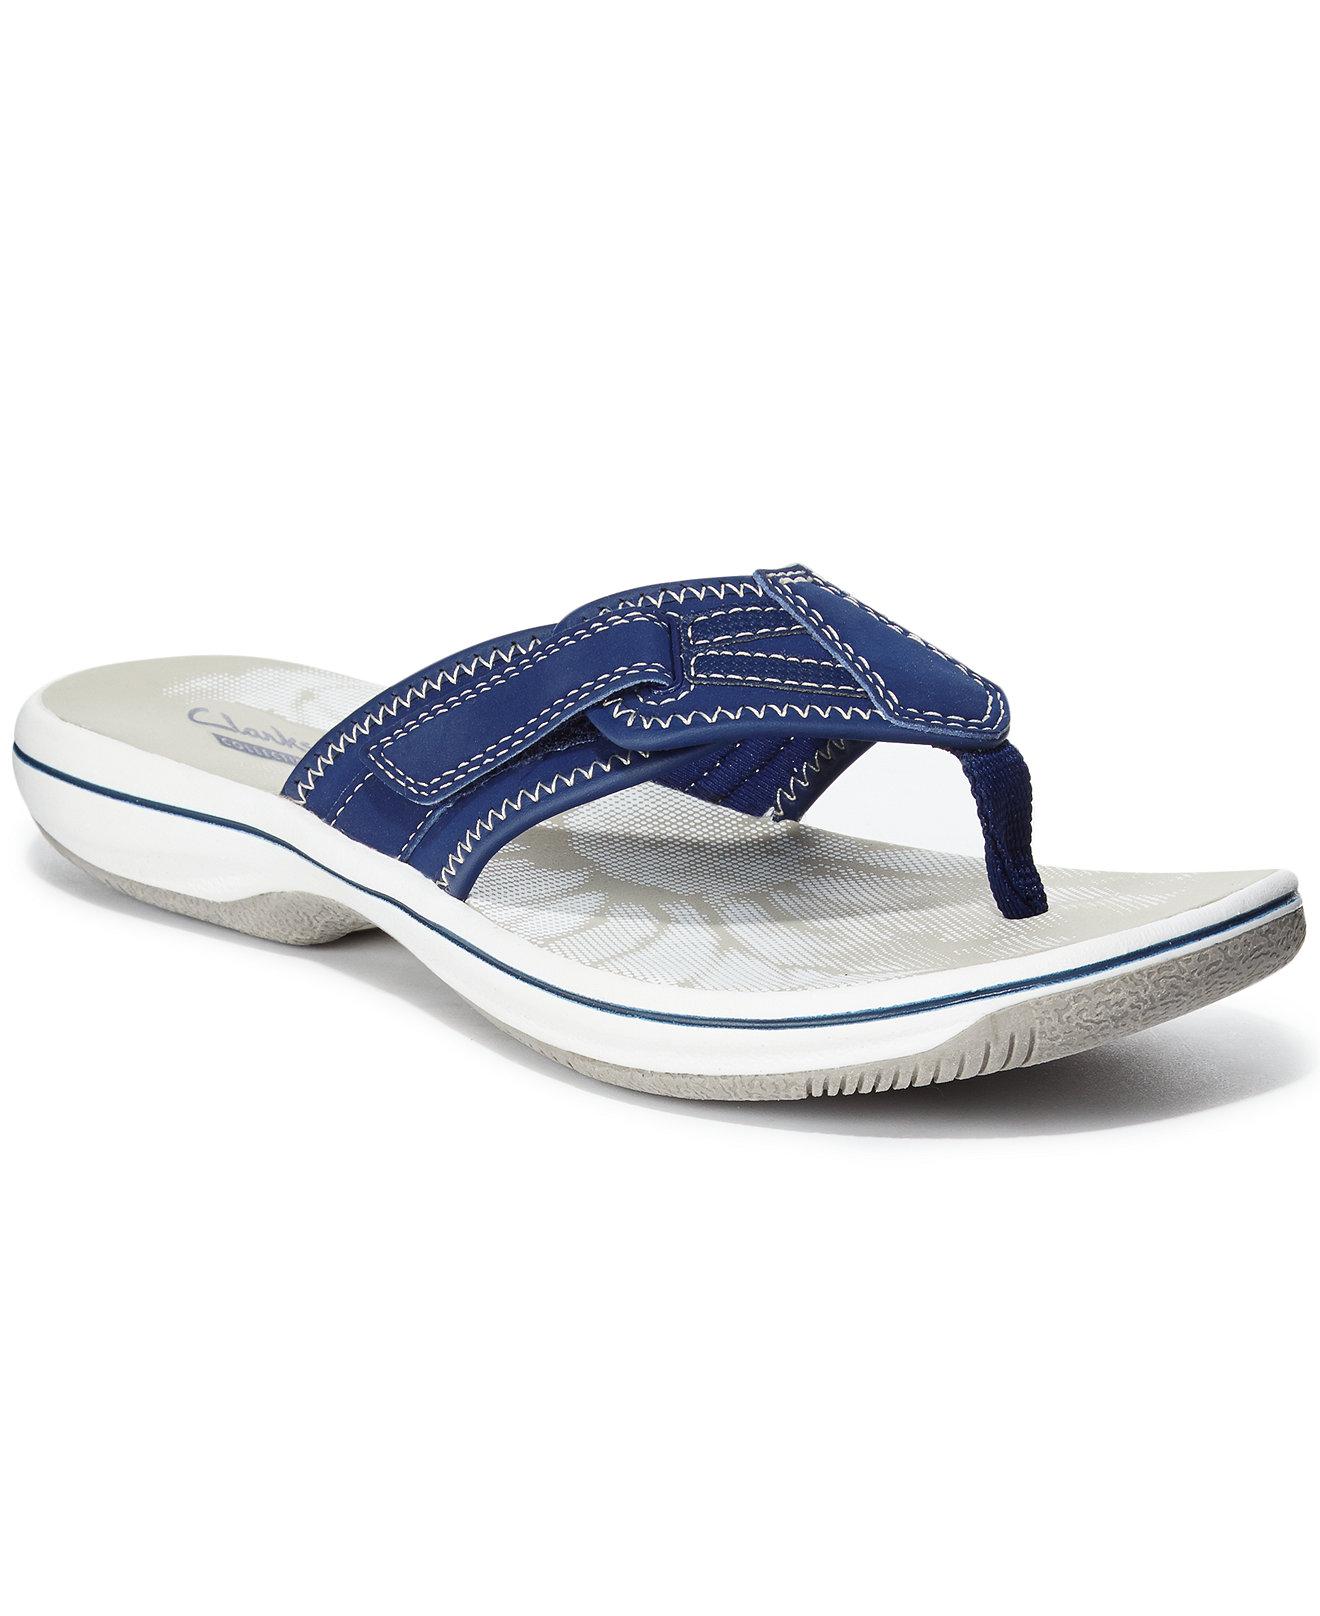 clarks breeze mila flip flops